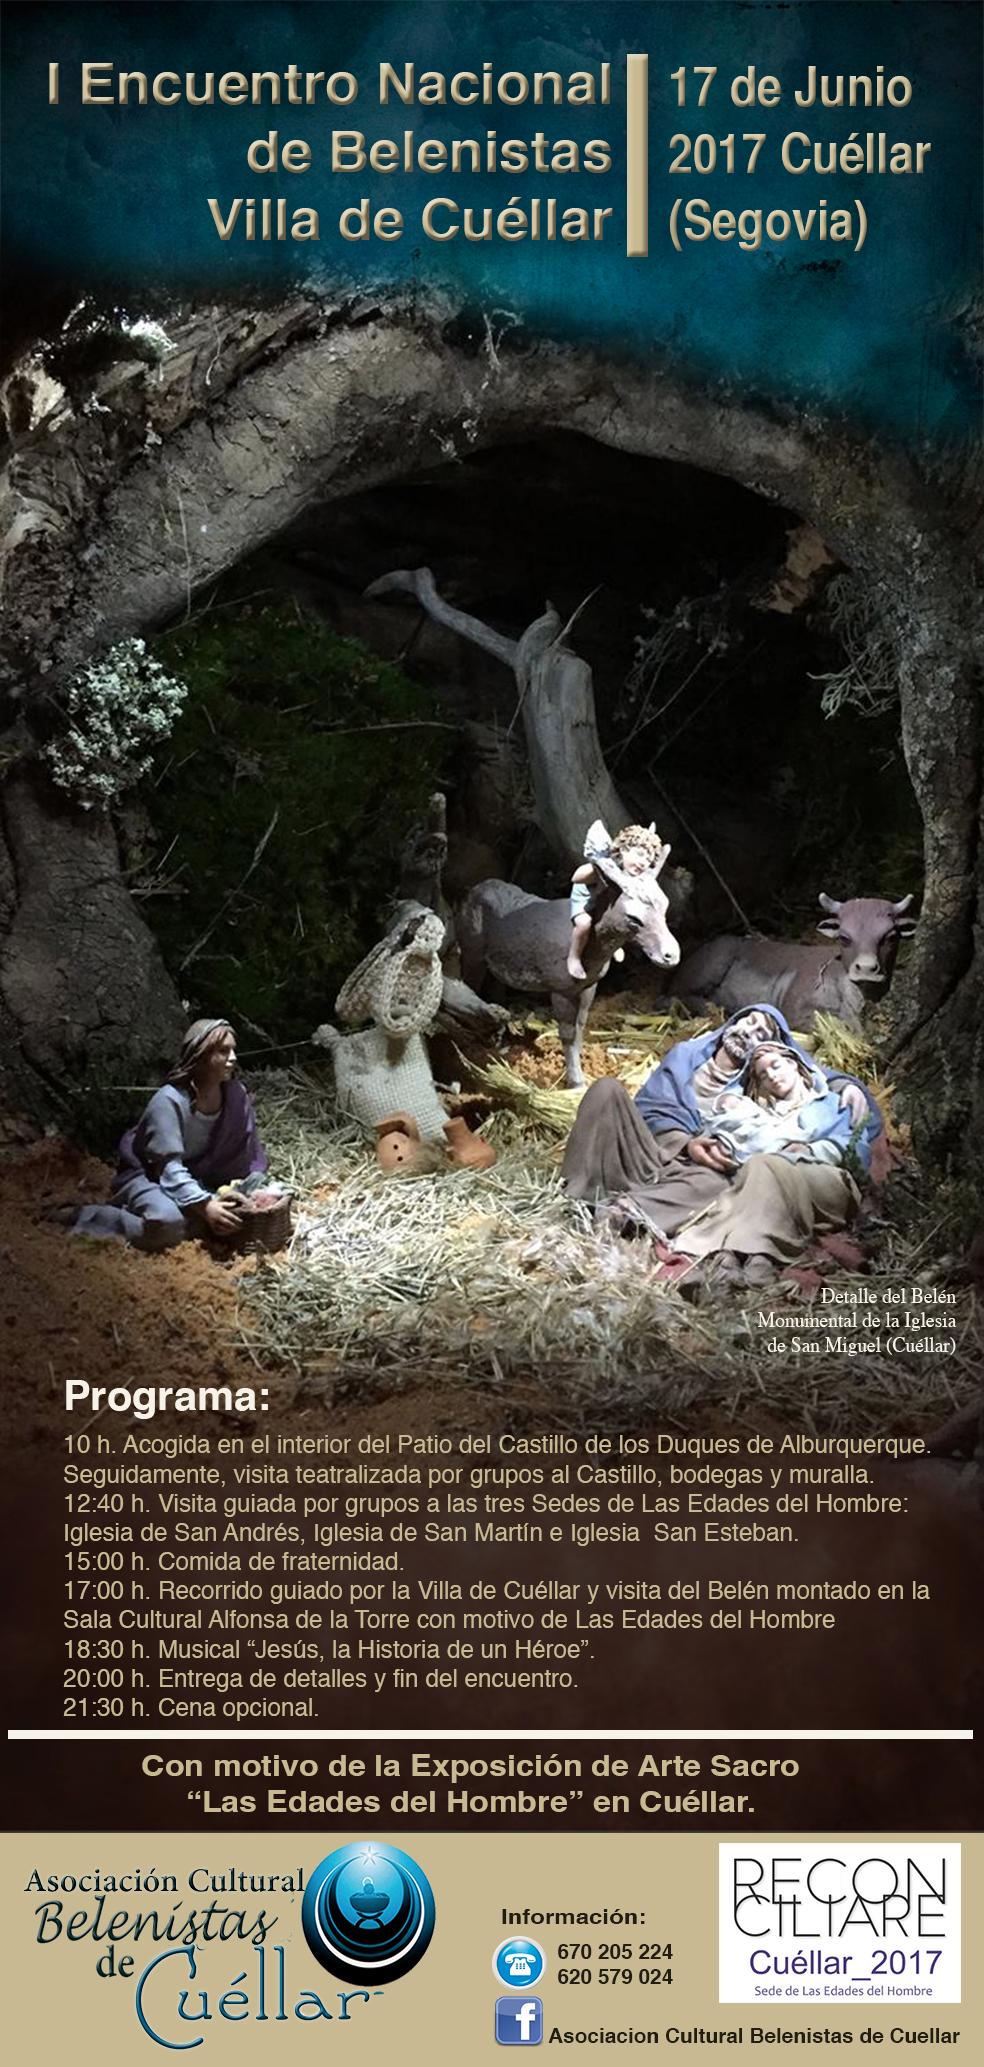 Flyer I Encuentro Belenistas Cuéllar 2017